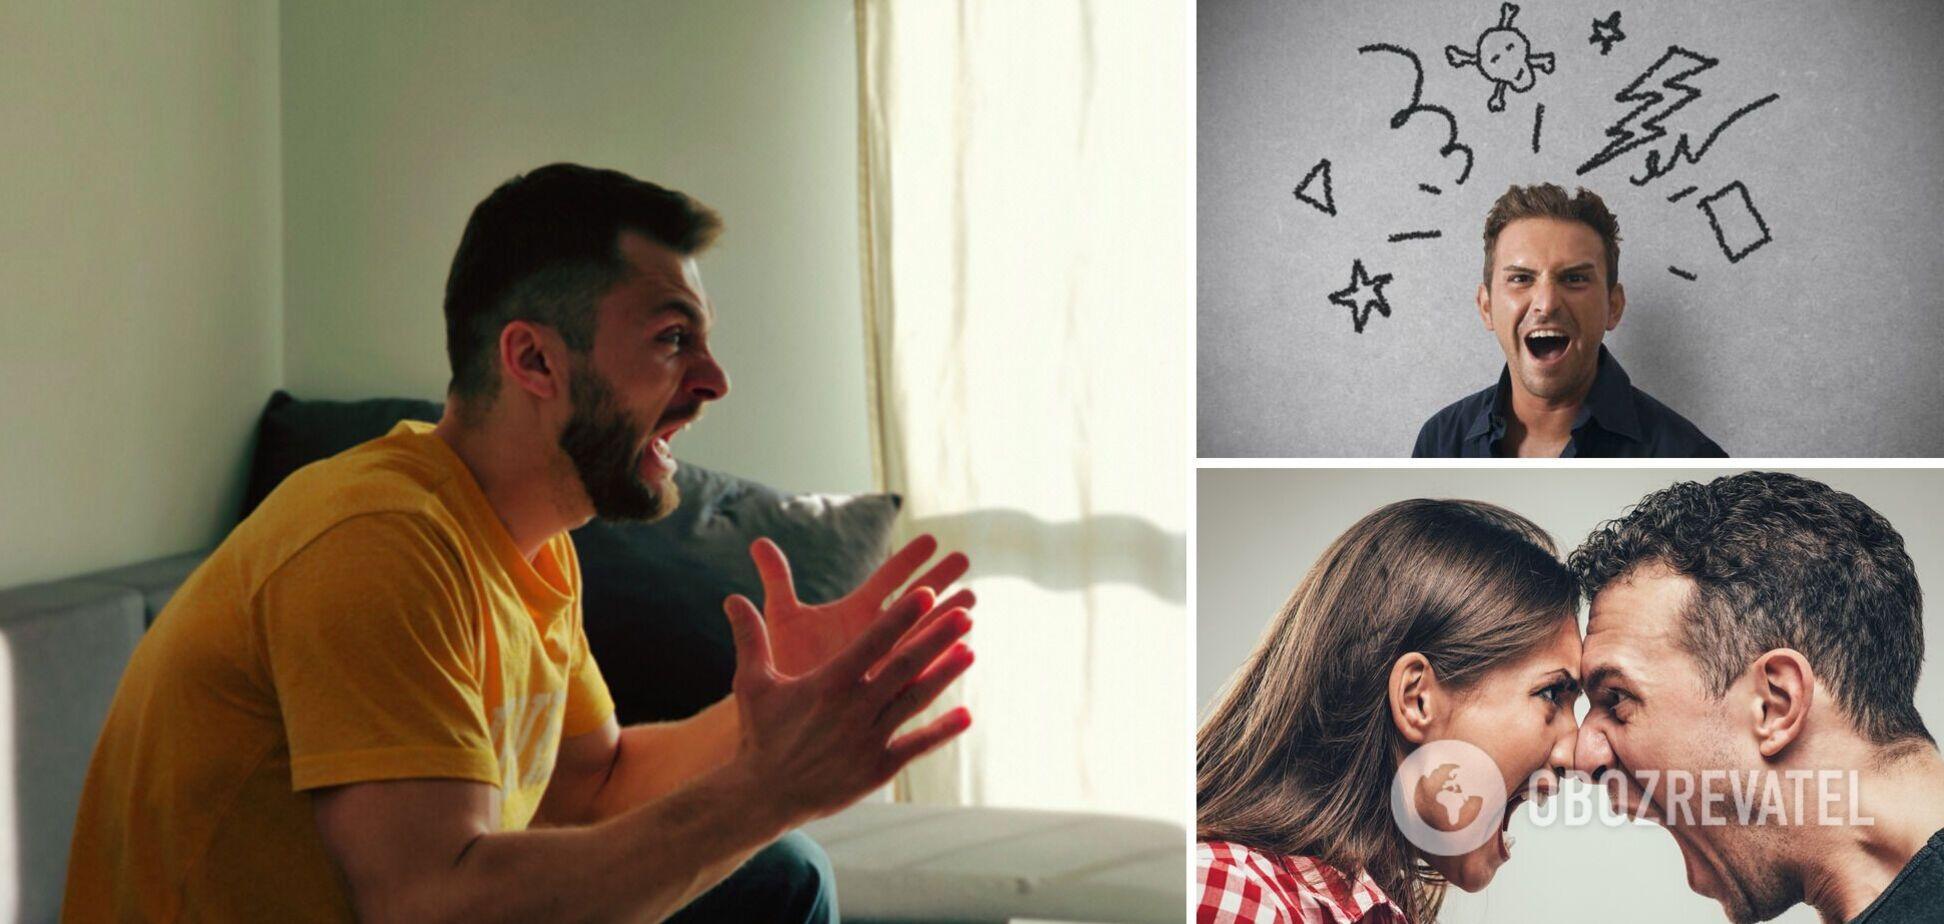 П'ять найбільш 'складних' знаків зодіаку серед чоловіків: відрізняються запальним характером